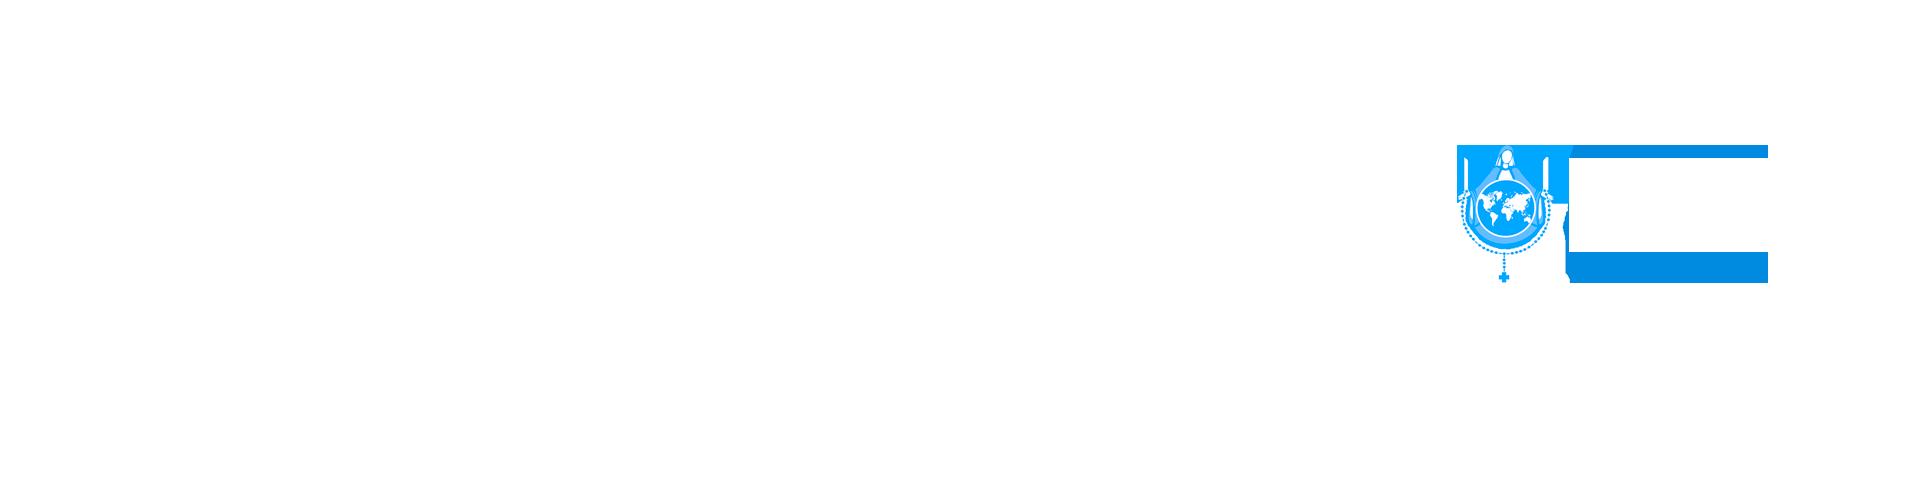 logos-ing-novena.png